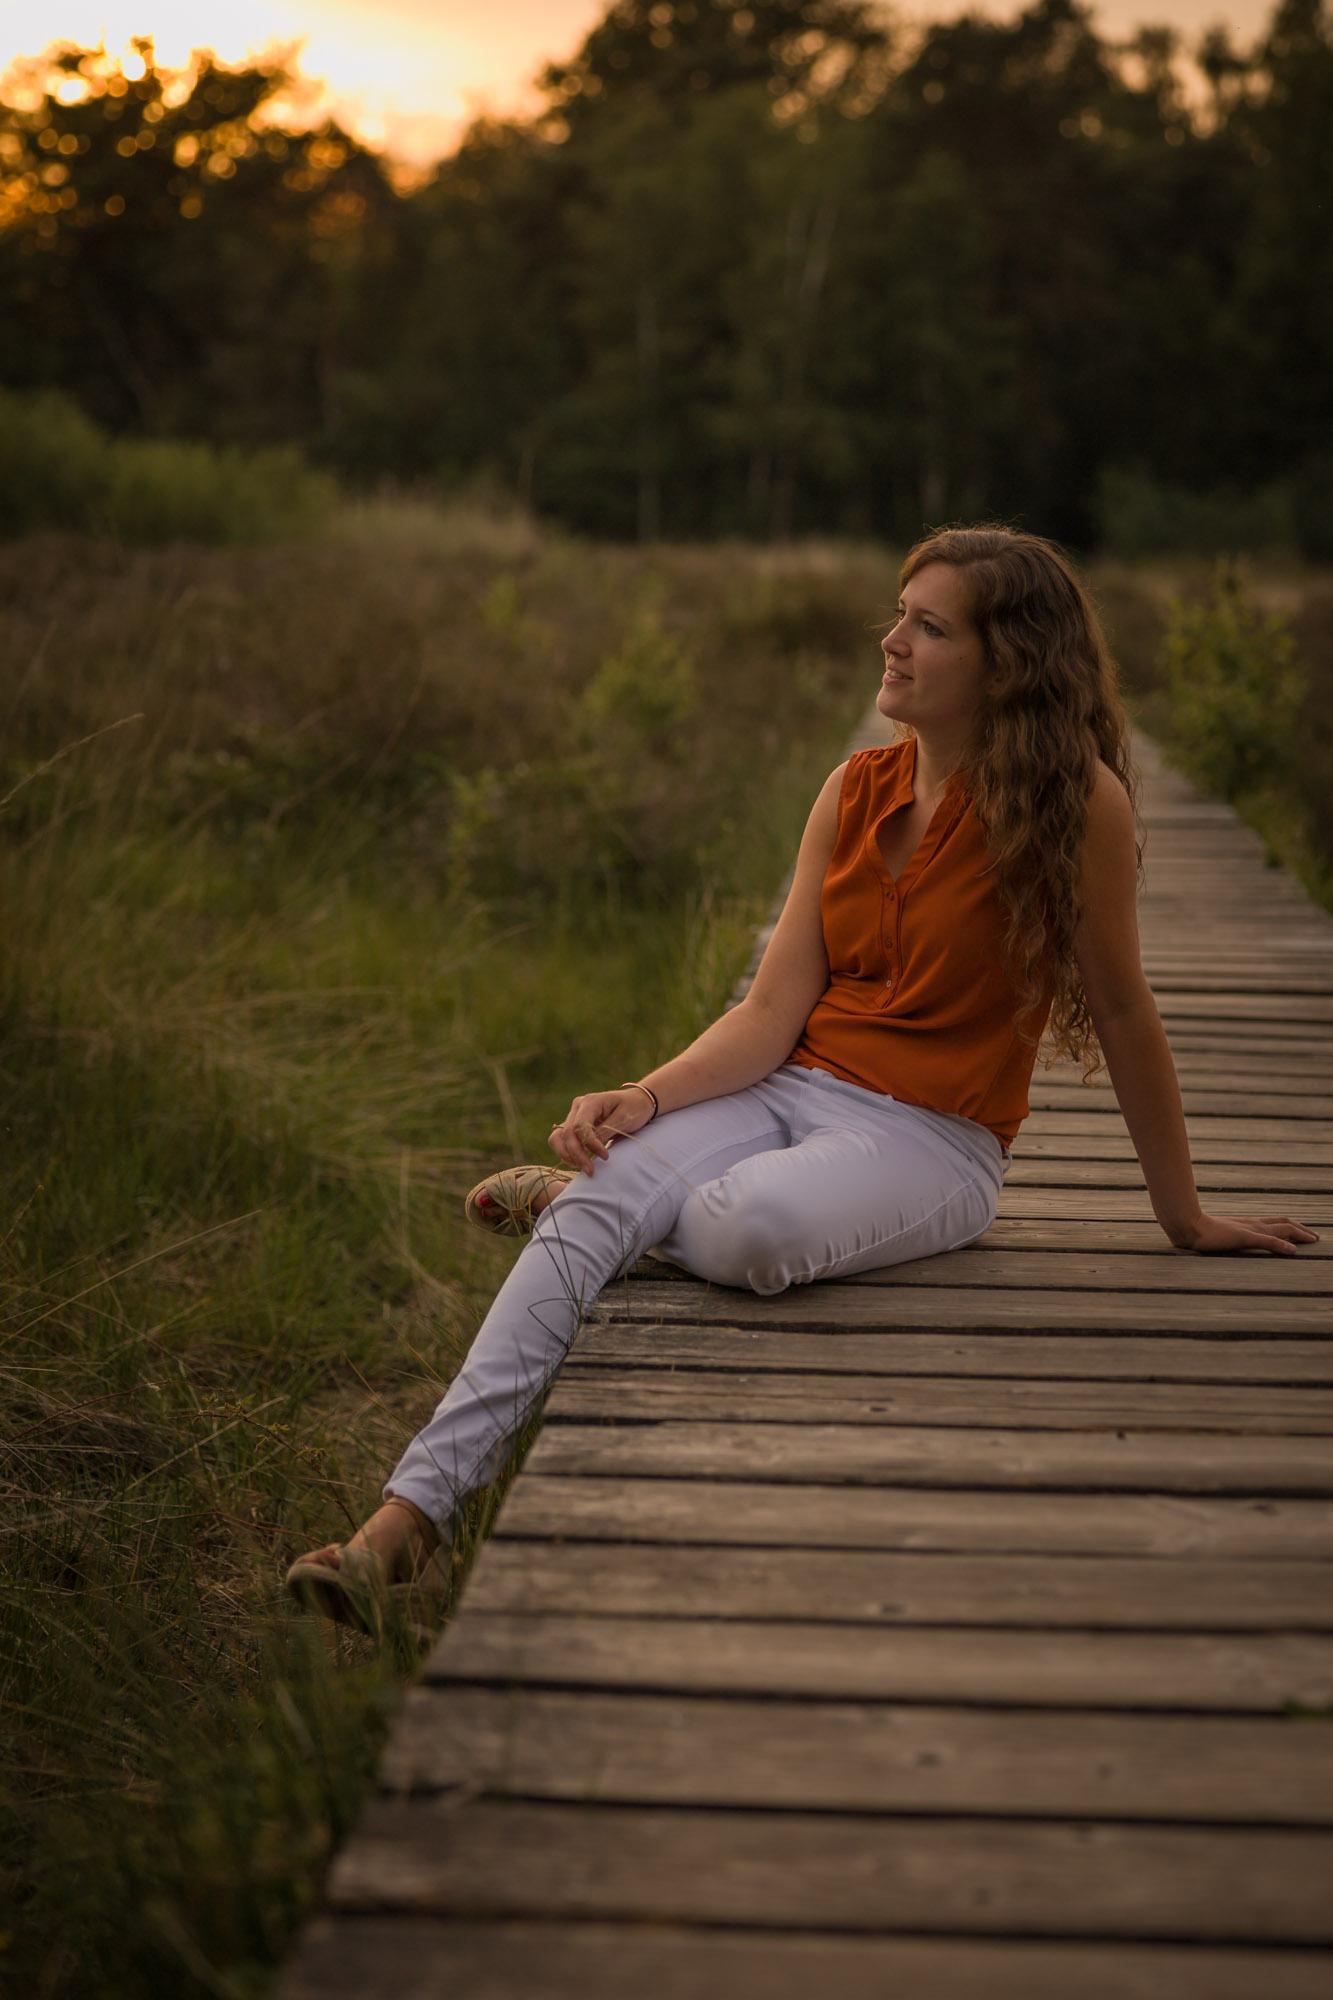 Portretfotograaf in Amersfoort, Nijkerk, Hoevelaken. Portretfotografie. Gouden uur portret door Mayra Fotografie.